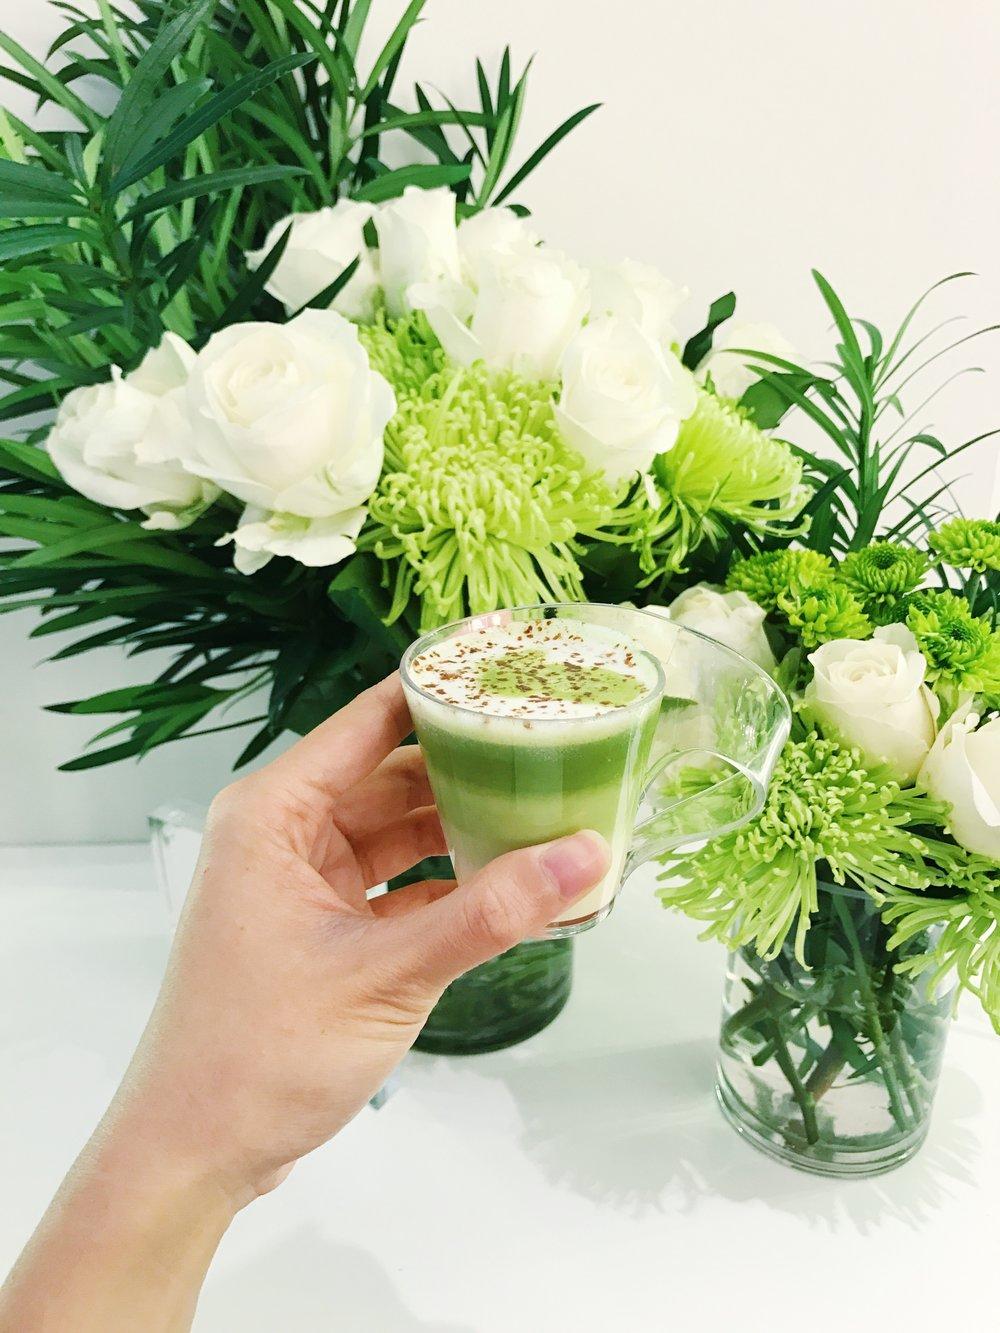 pure leaf tea hot matcha